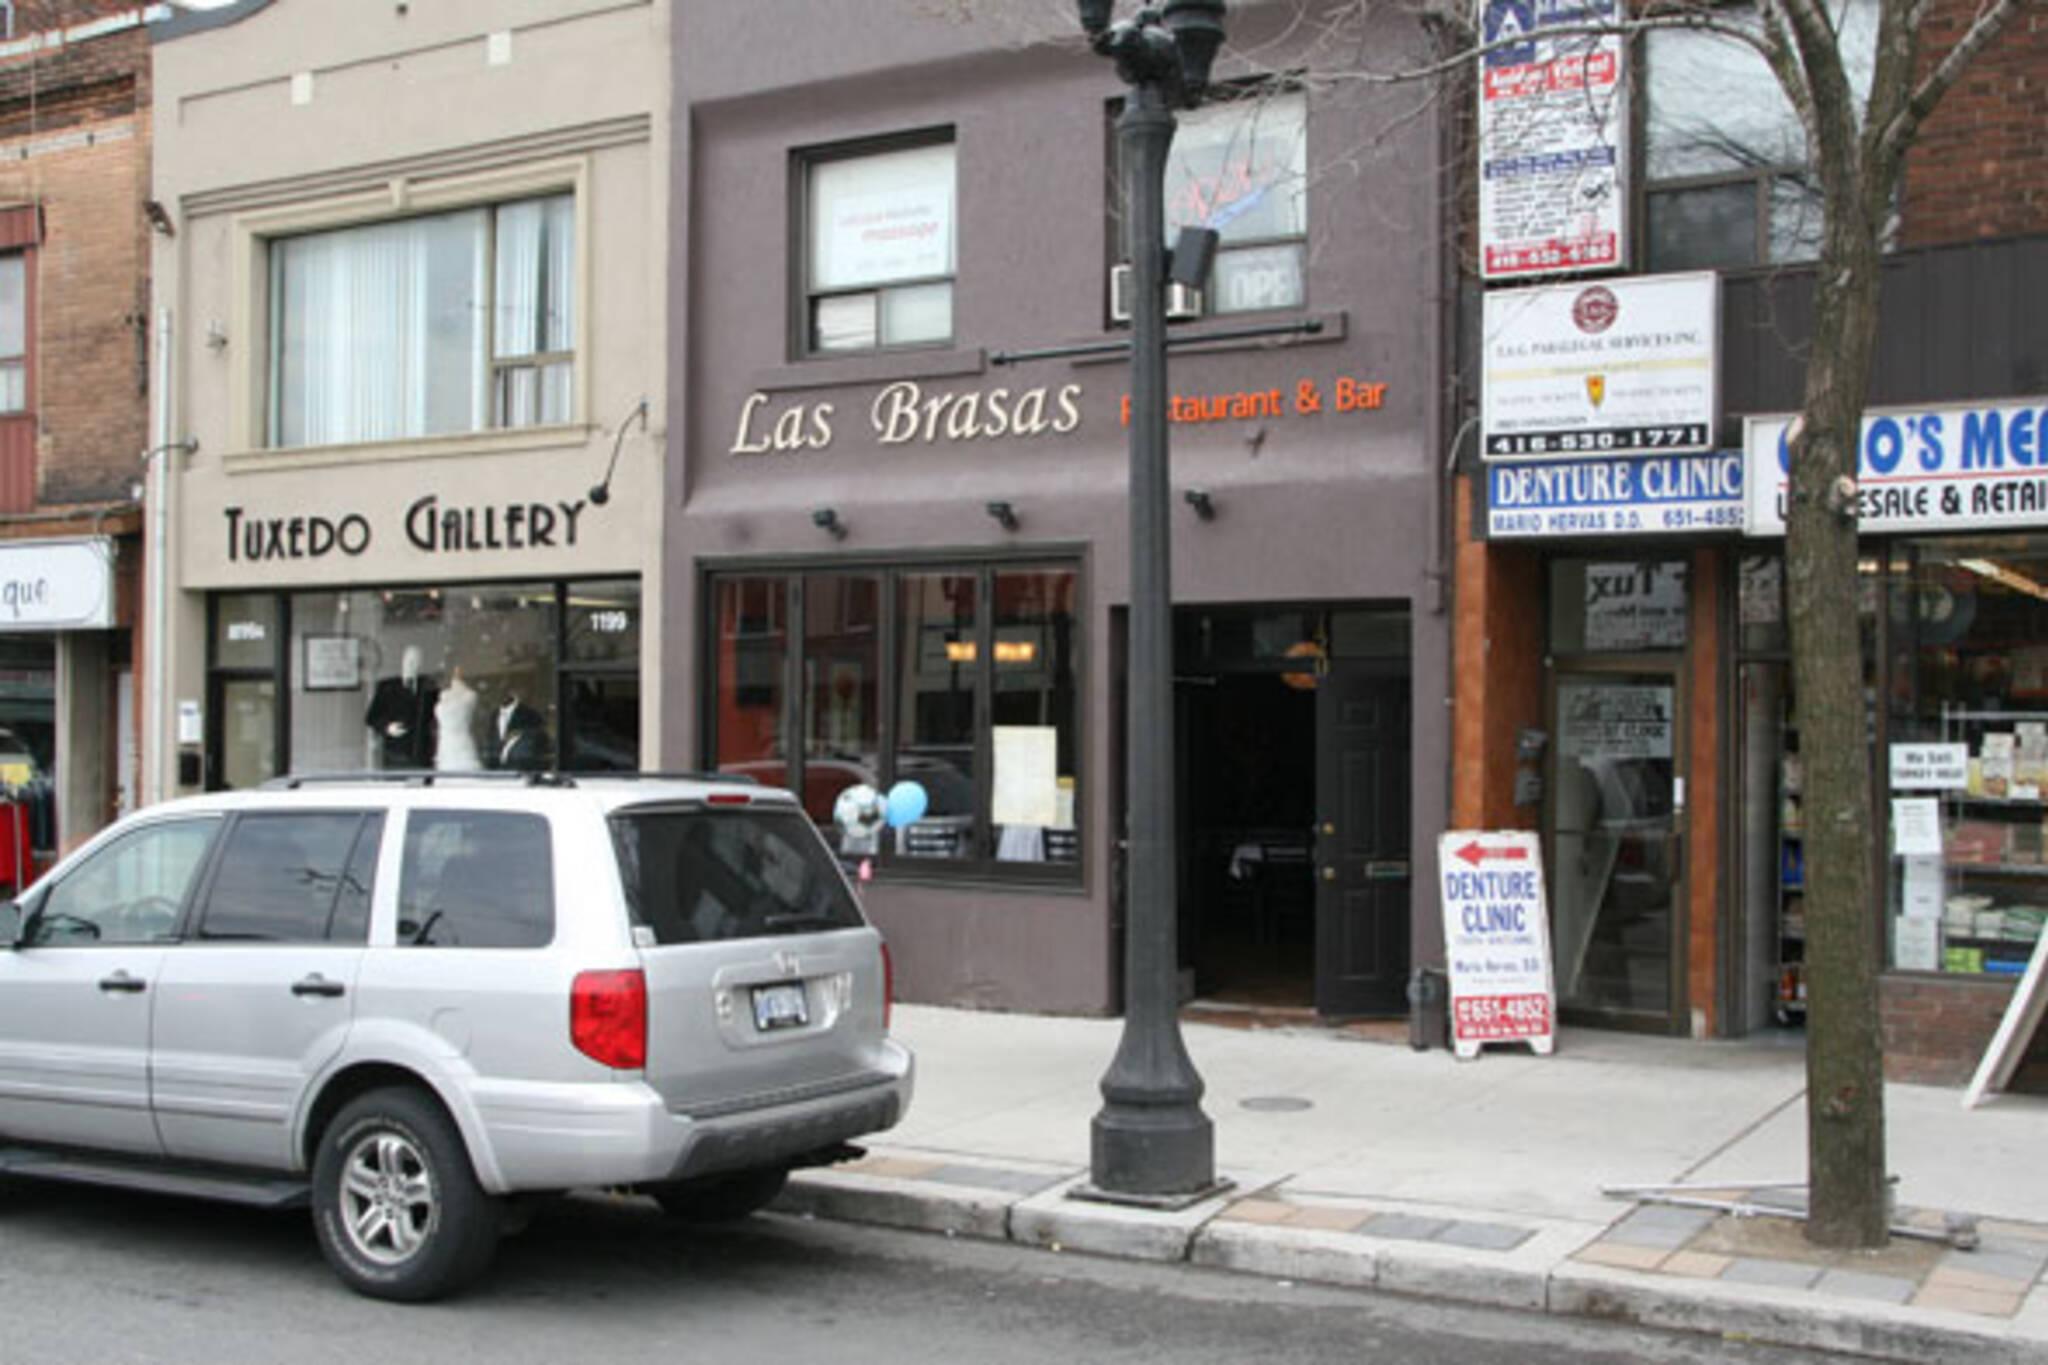 Las Brasas Toronto